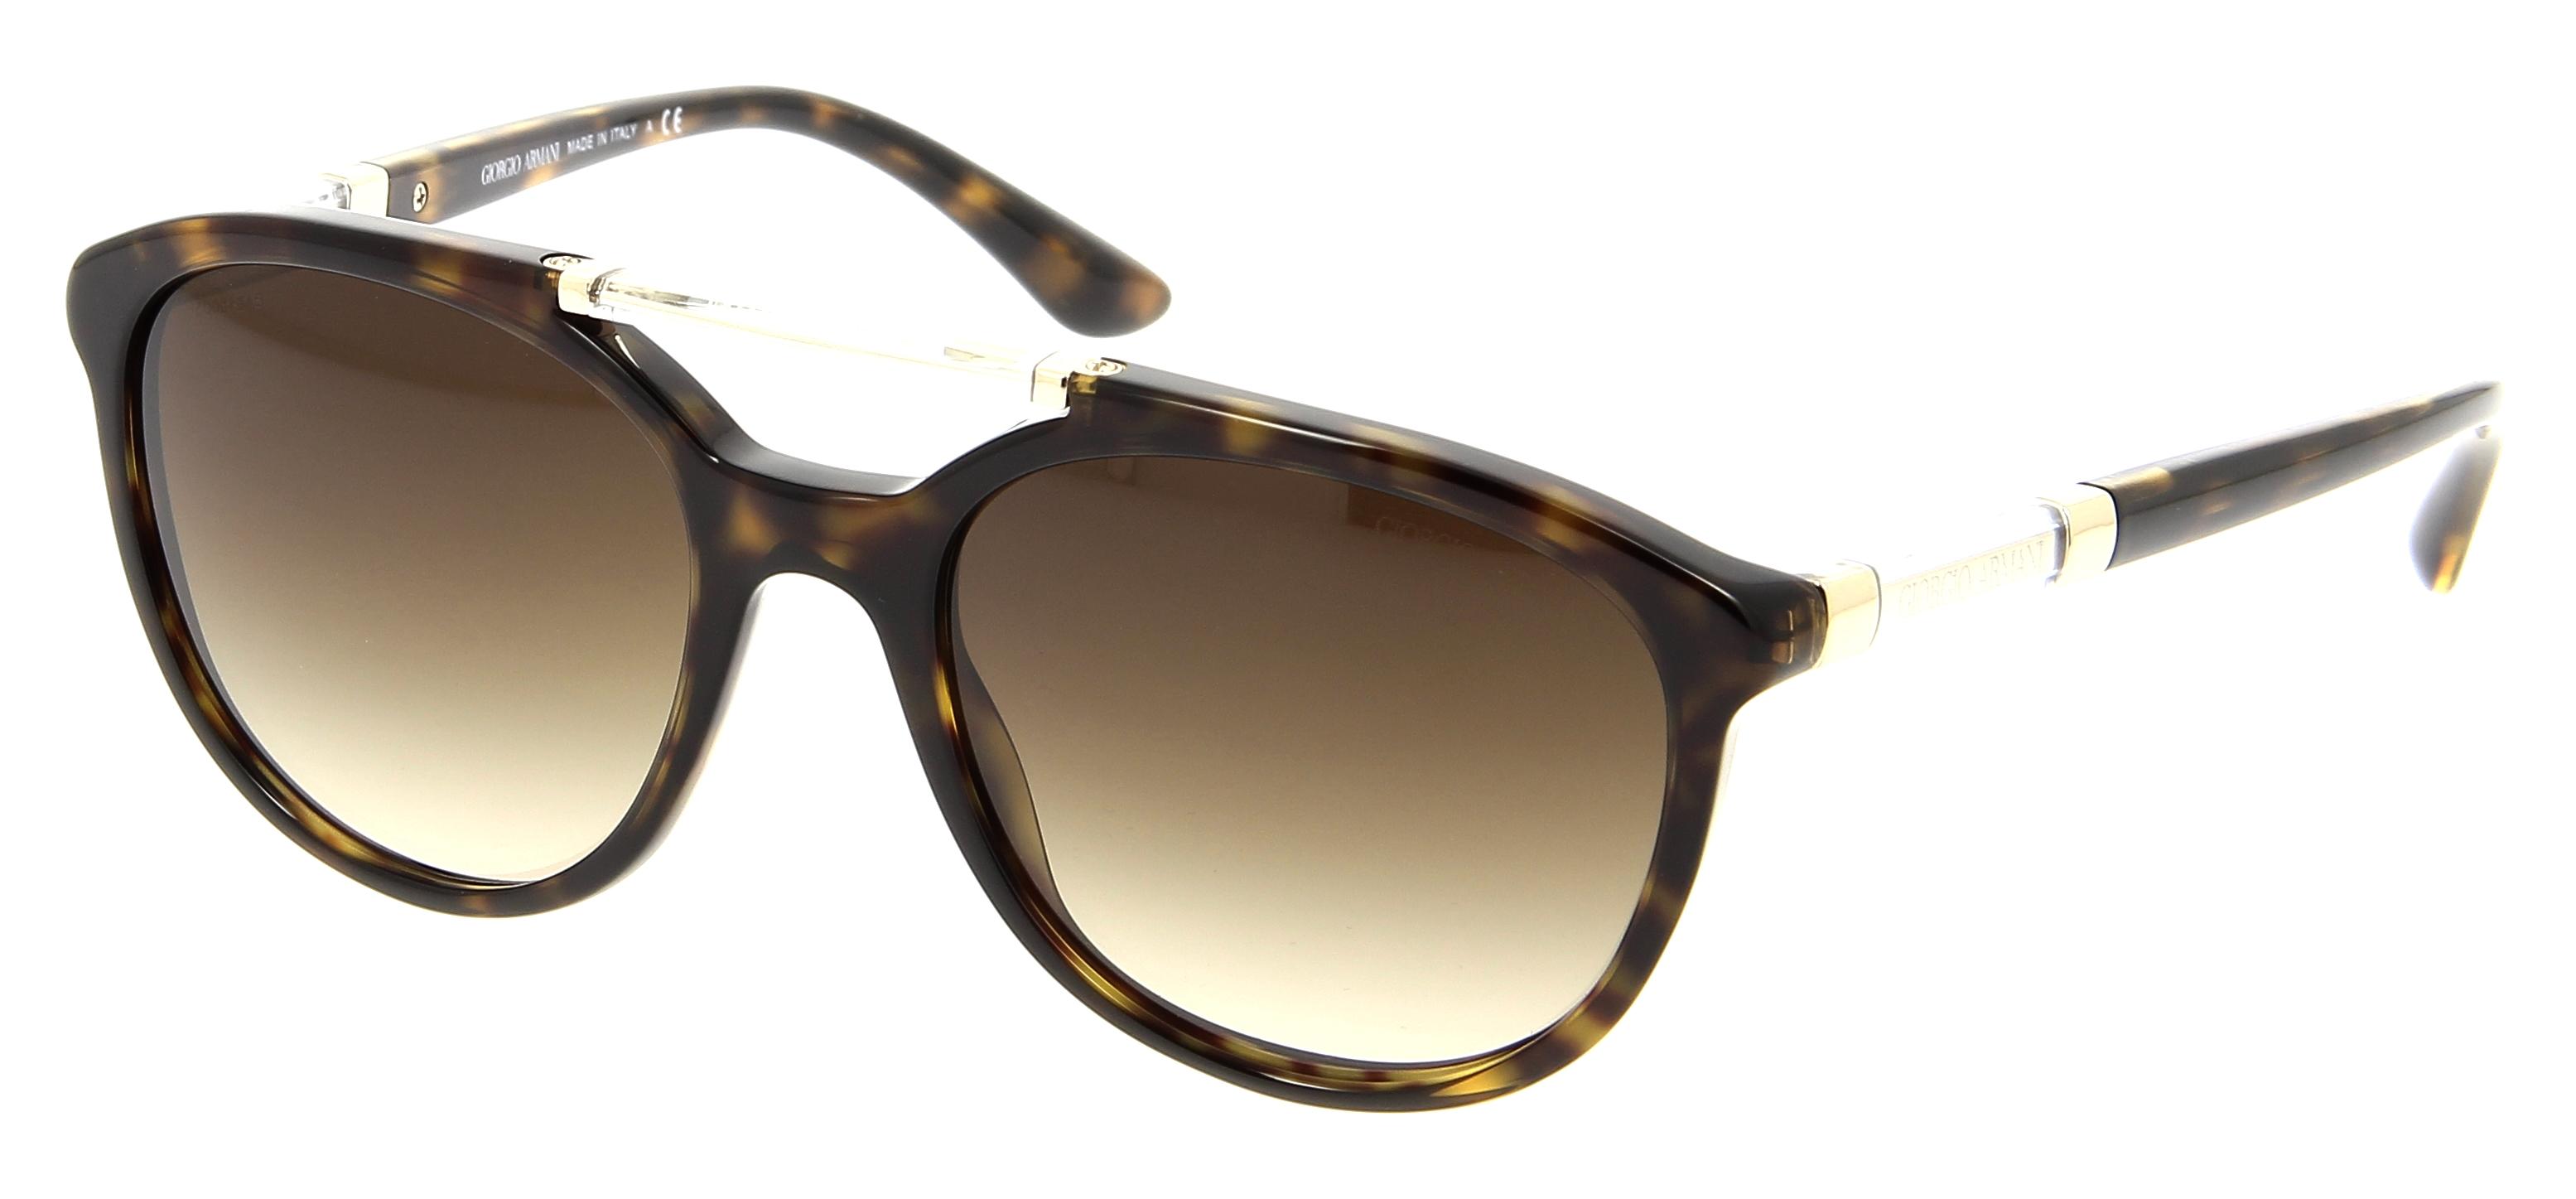 OFF61%  Achat lunettes de soleil giorgio armani homme   Livraison ... 4aa3d1879d3a